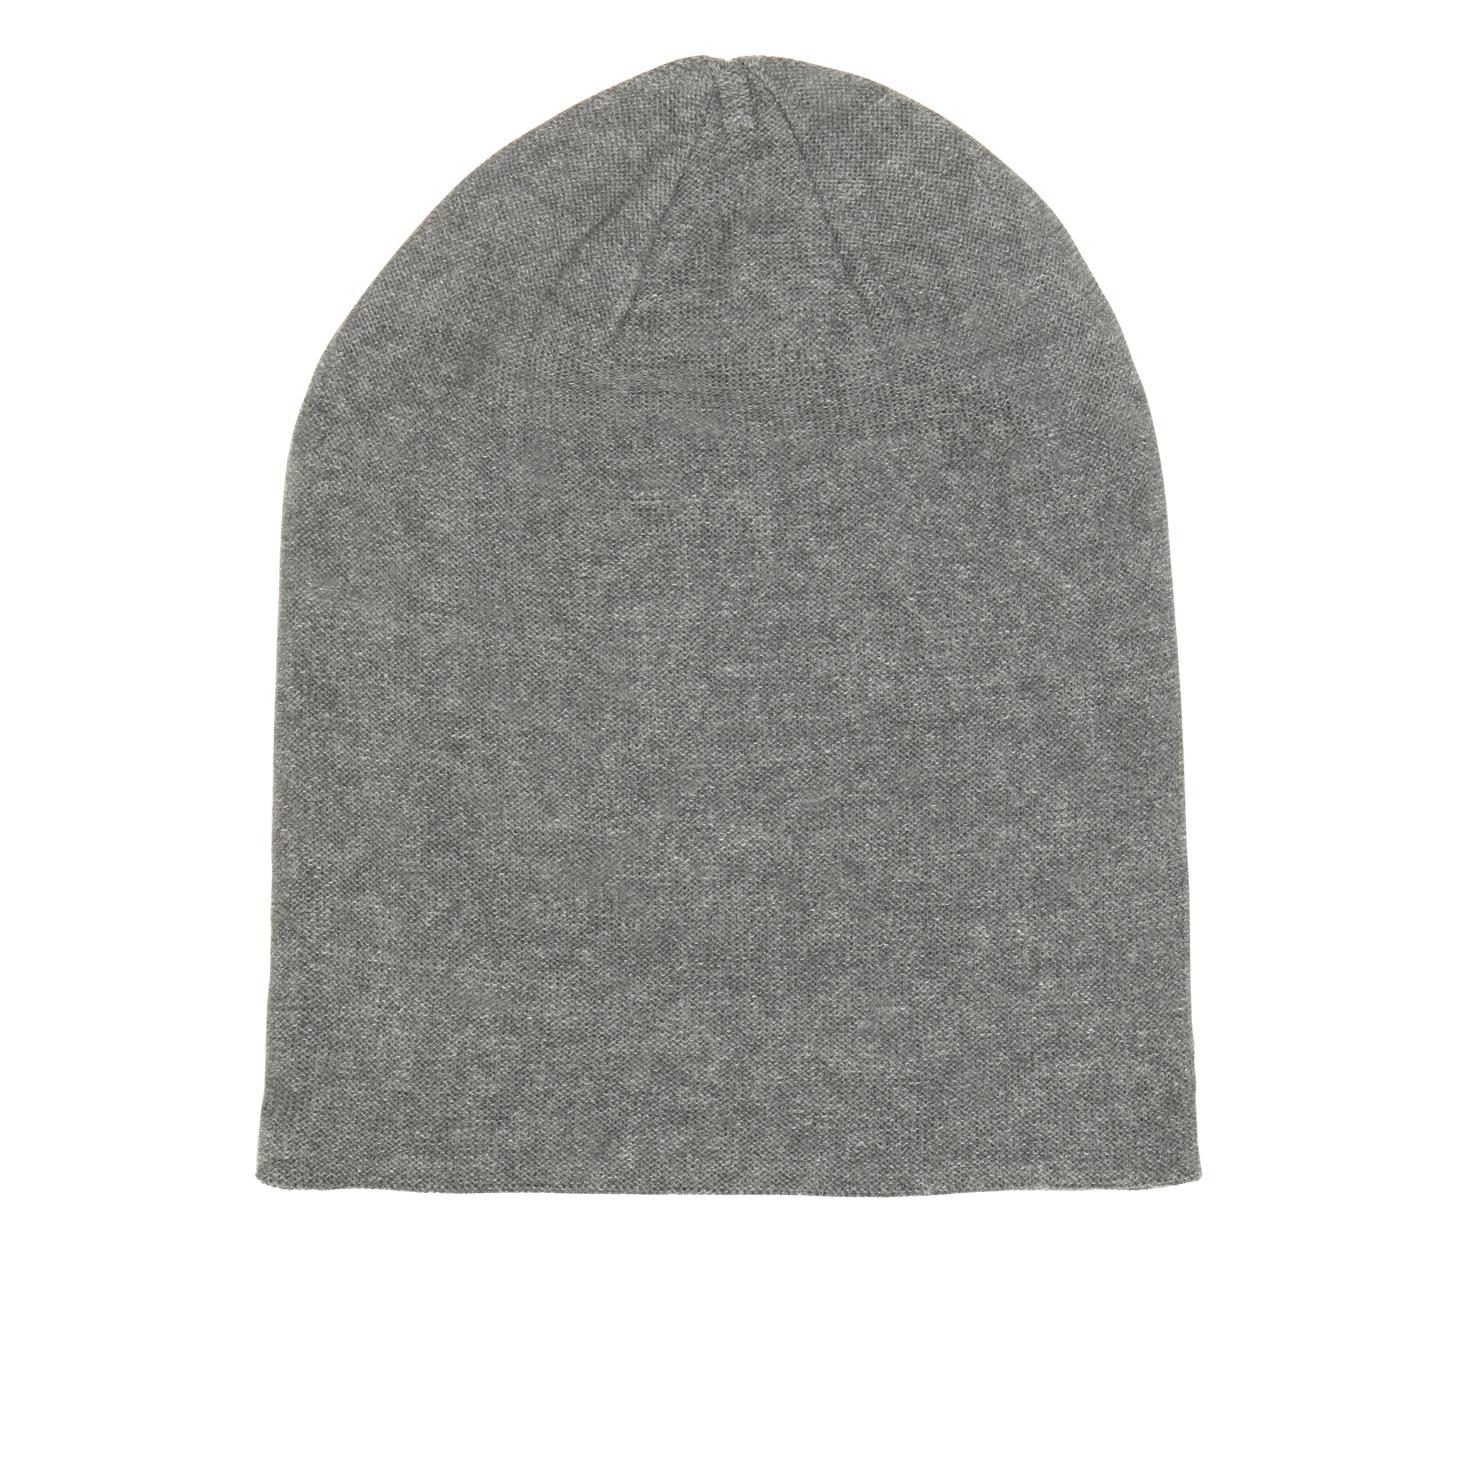 Caciula gri, pentru barbati, ALDO - Crete12, din material textil